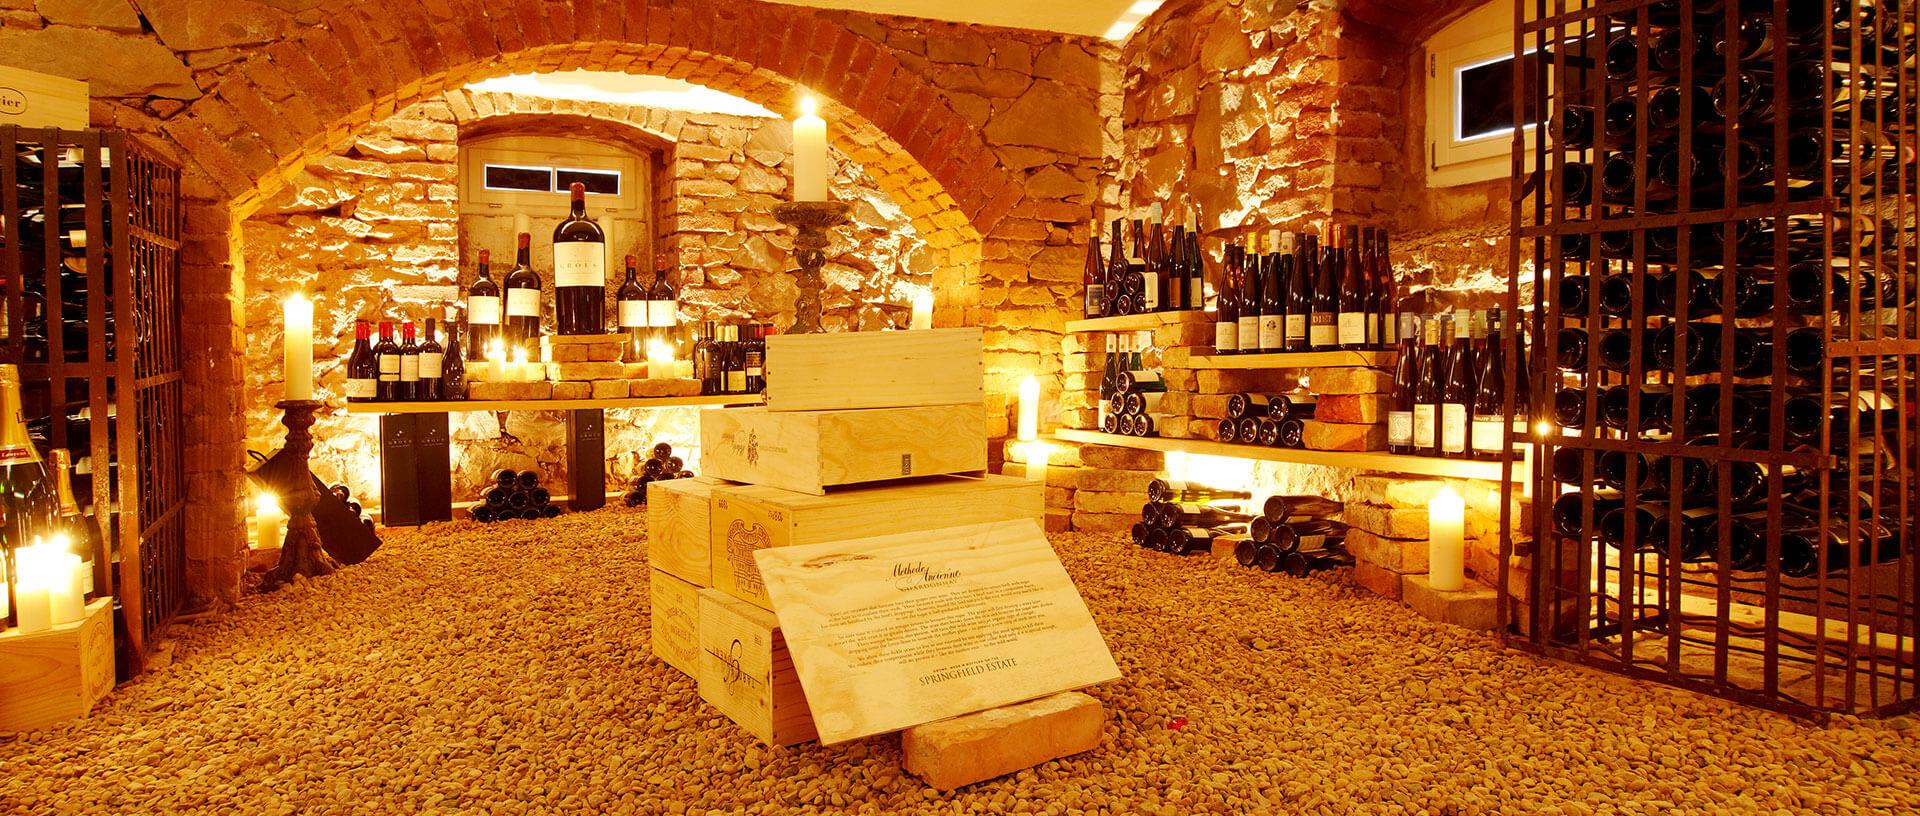 Weinkeller im Restaurant Waldschlösschen